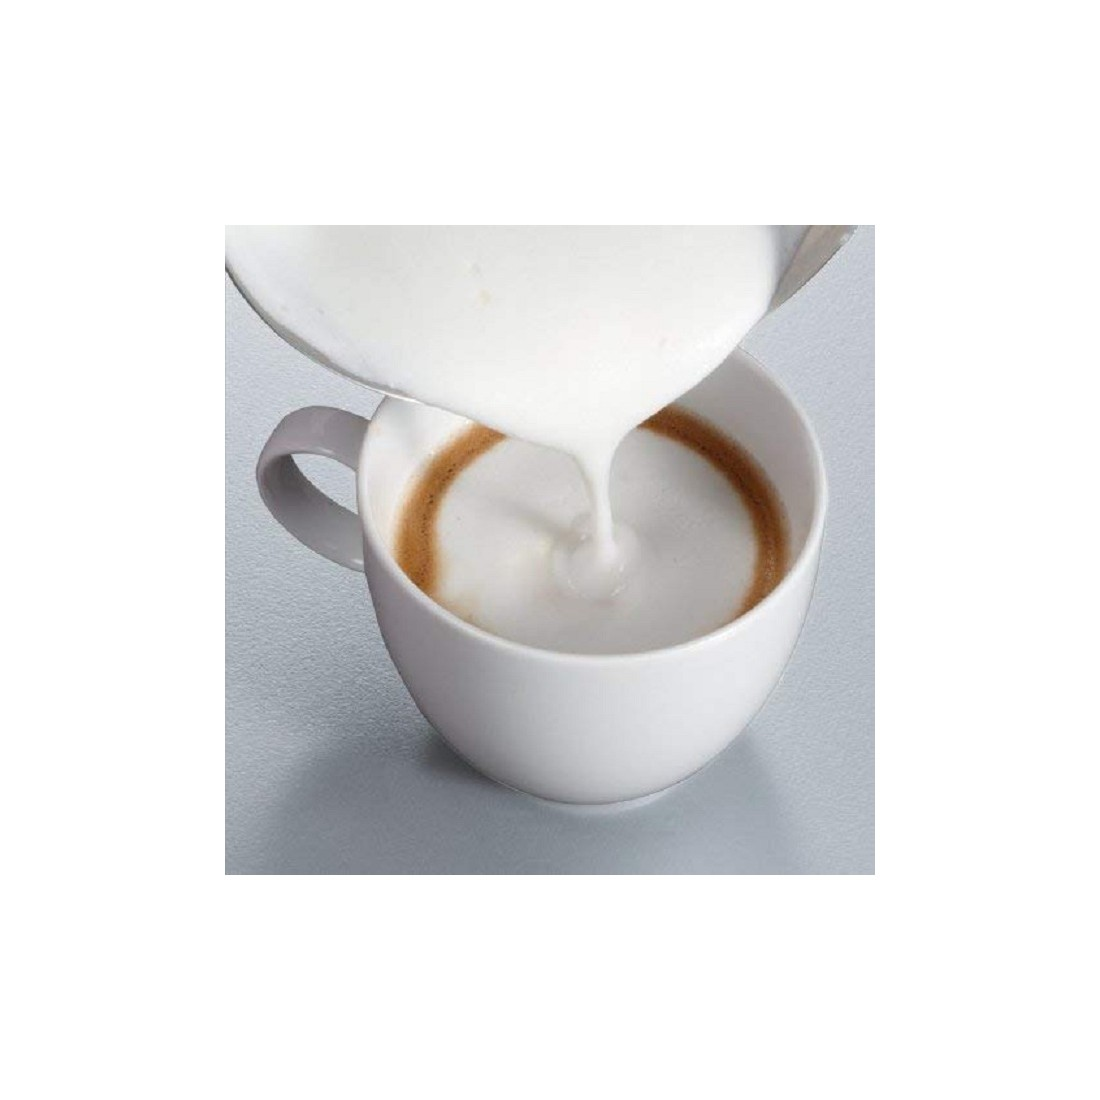 Máy tạo bọt sữa và bọt socola Severin SM 9684-Thế giới đồ gia